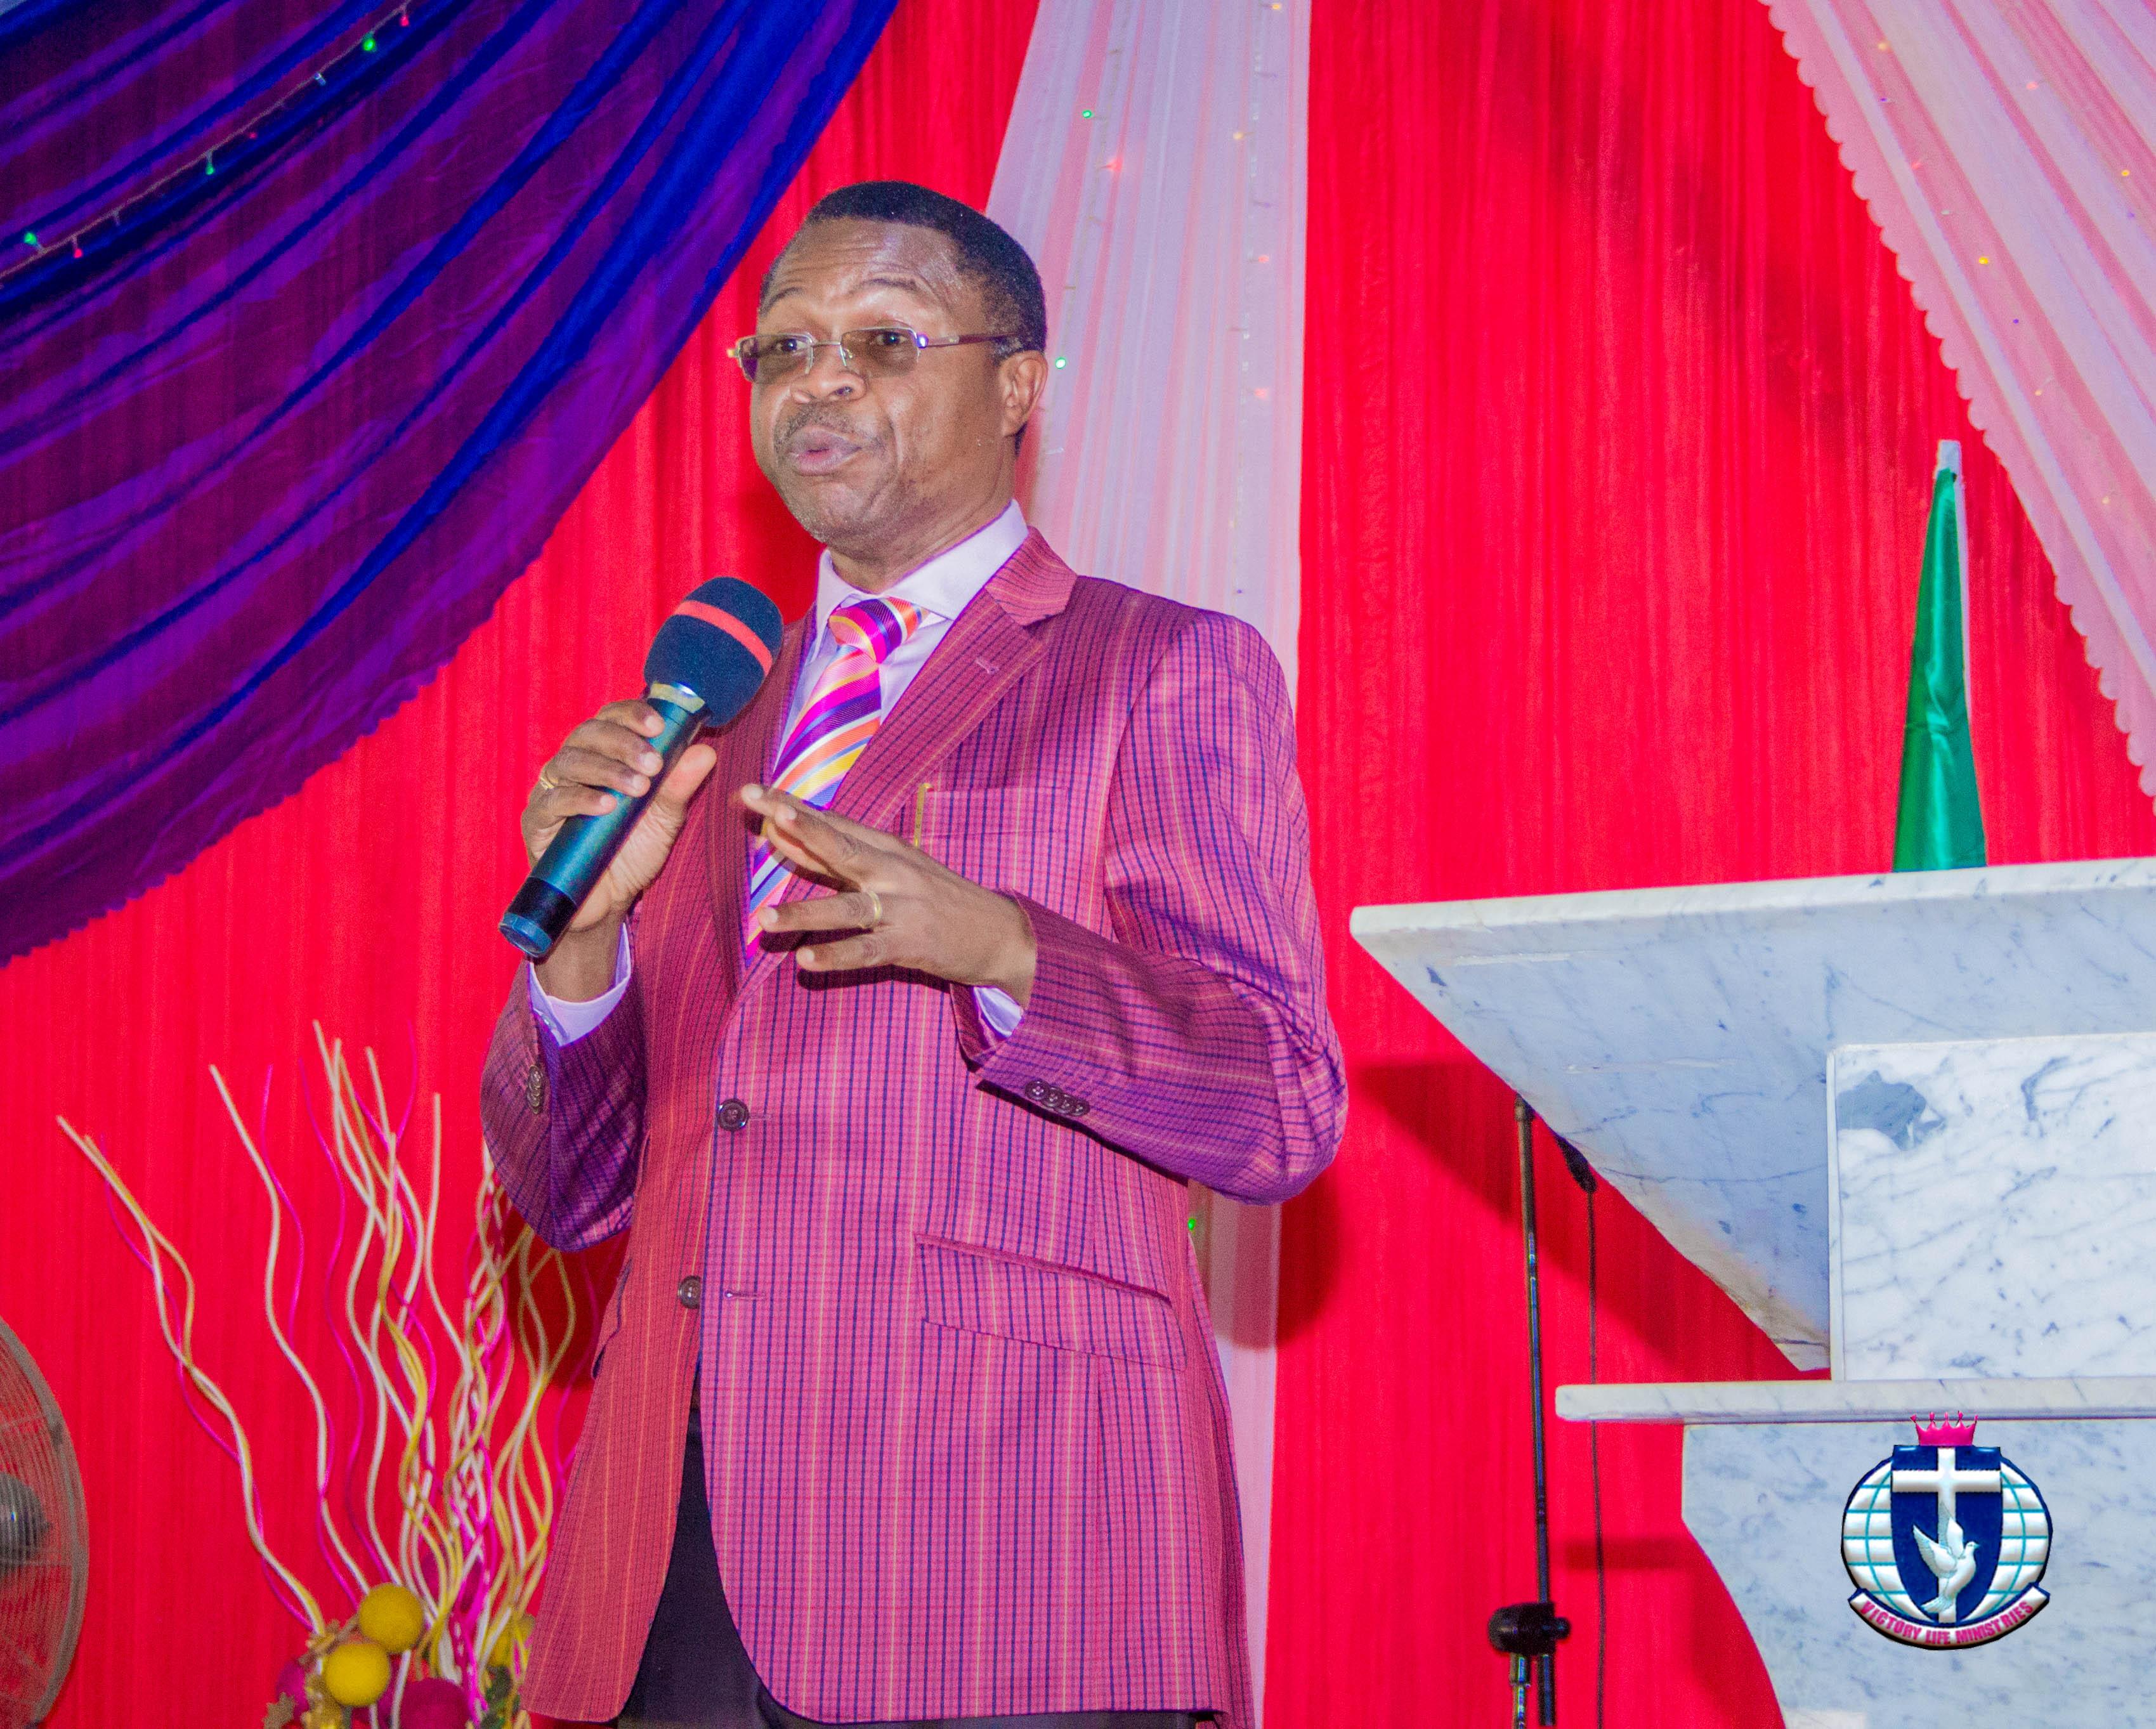 MANIFESTING GOD'S GLORY BY WISDOM